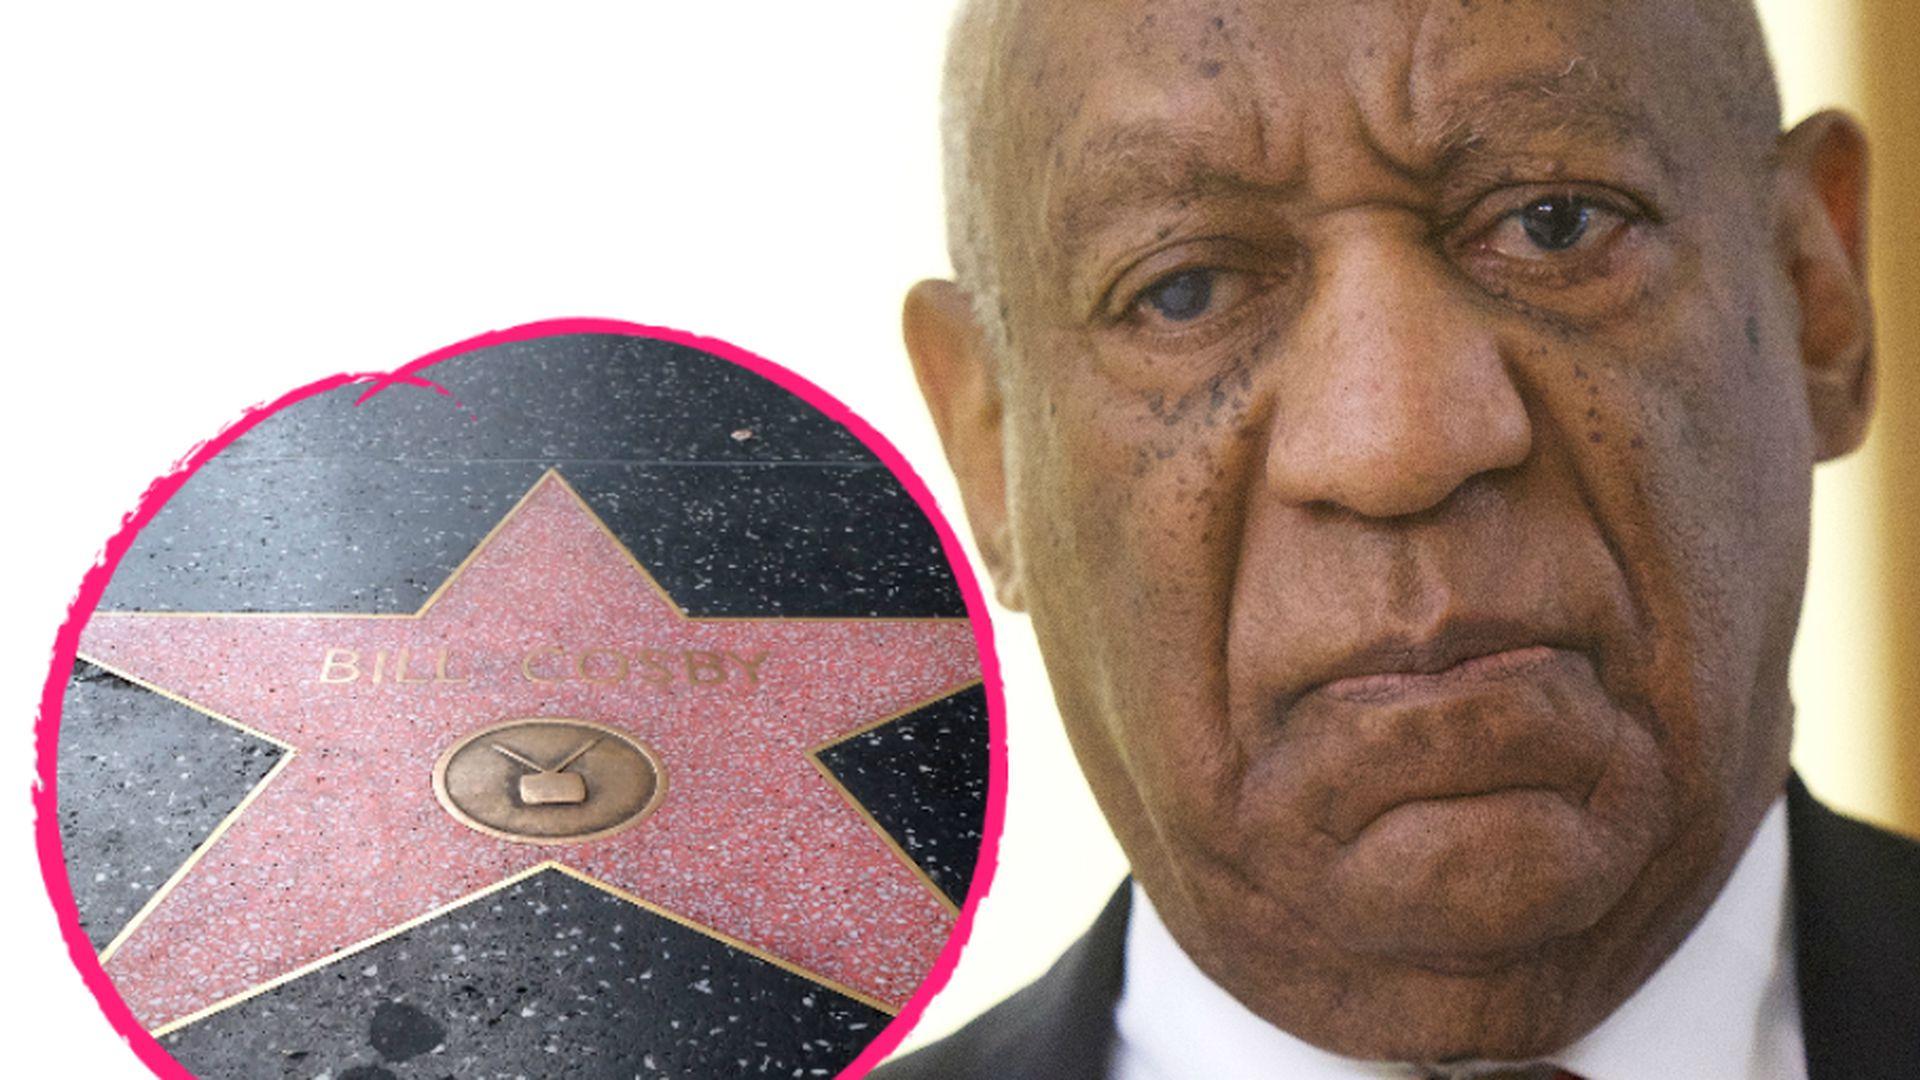 Nach-Urteil-Verliert-Bill-Cosby-seinen-Walk-of-Fame-Stern-